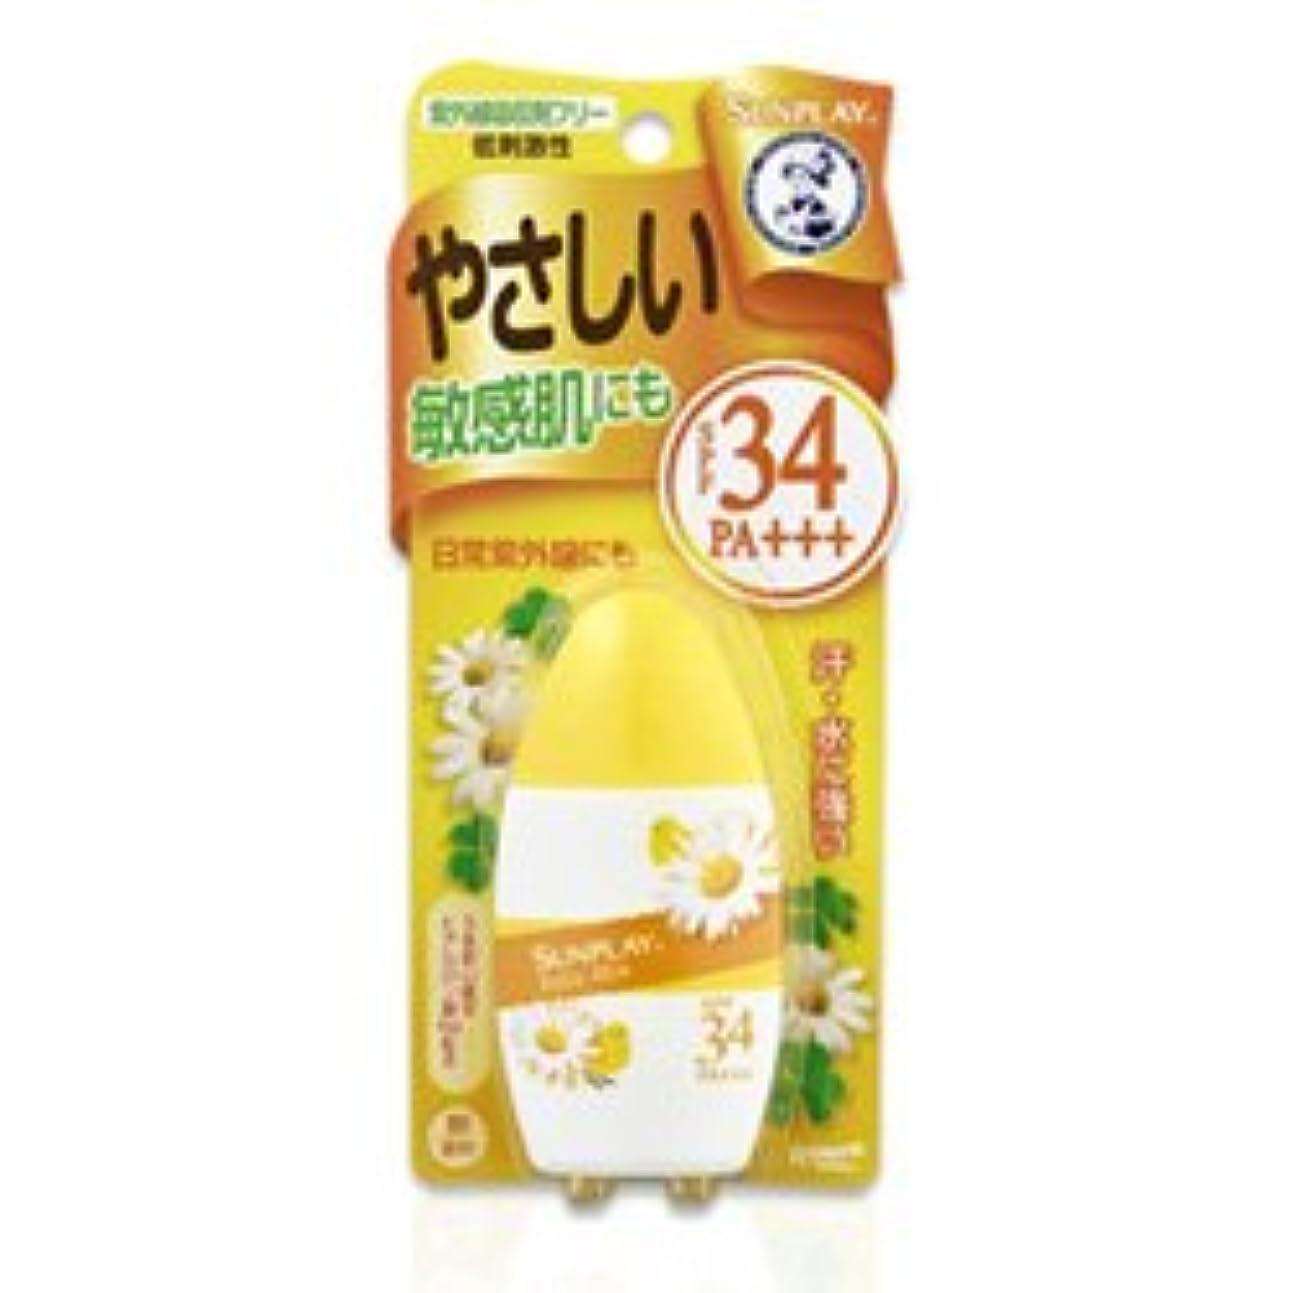 ムスタチオ余暇労苦【ロート製薬】メンソレータム サンプレイ ベビーミルク 30g ×5個セット